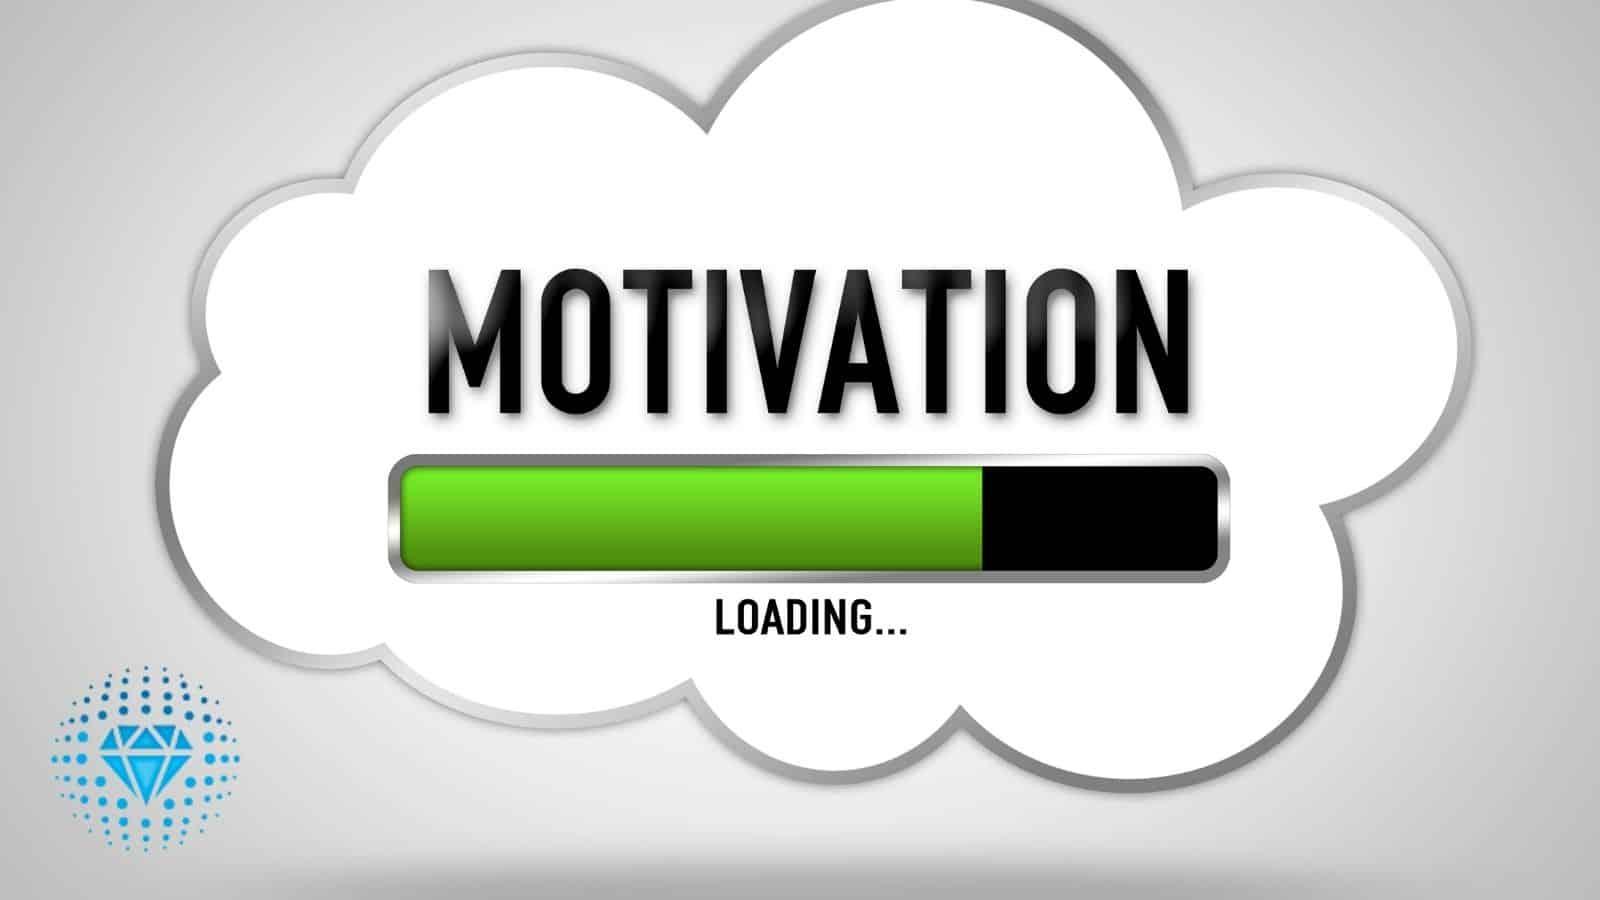 motivation tip for success motivation loading